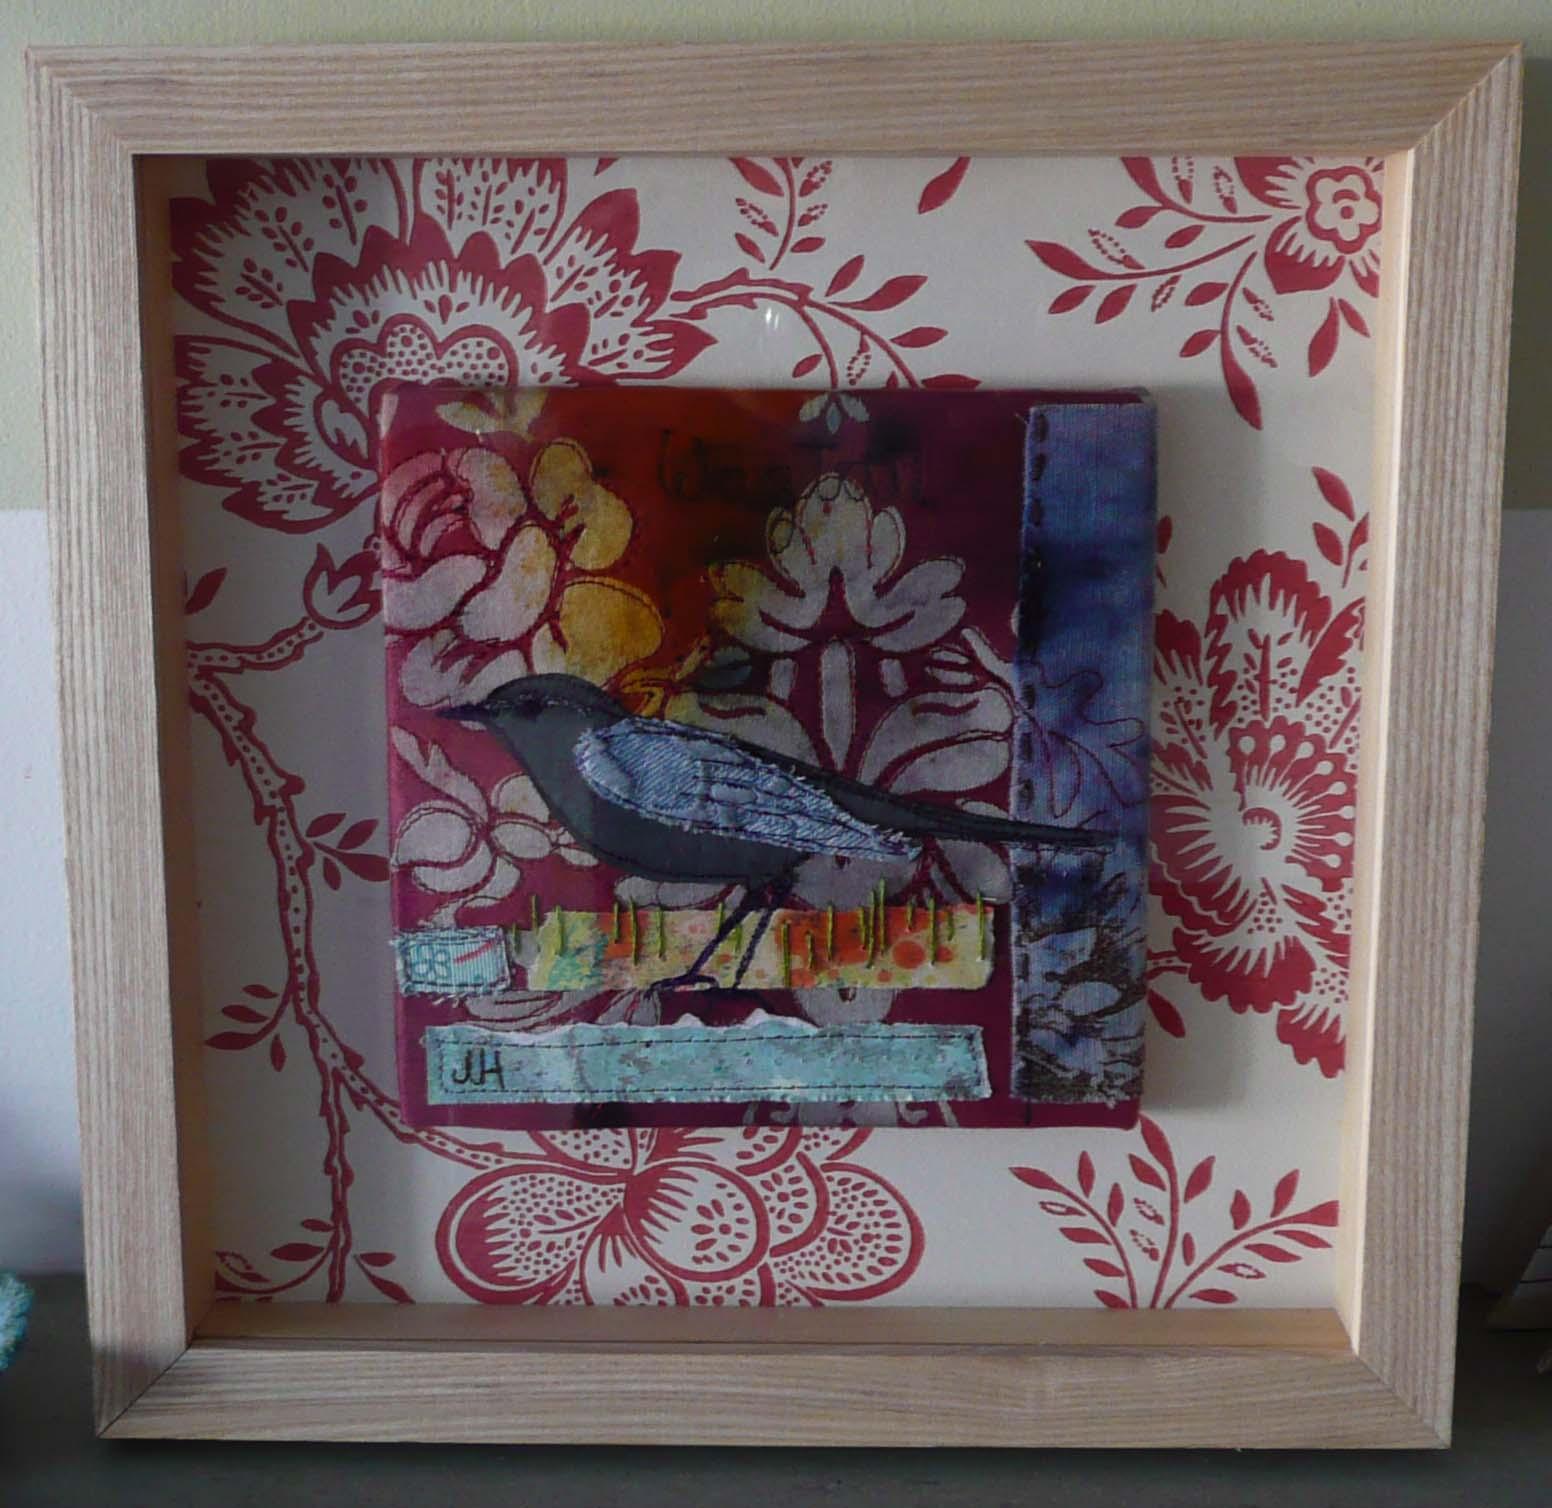 http://2.bp.blogspot.com/_x6fu63LrwS0/TUh5whFYcyI/AAAAAAAAABk/ztOW8IuDUEc/s1600/rbsa+wagtail+in+frame+crop.jpg